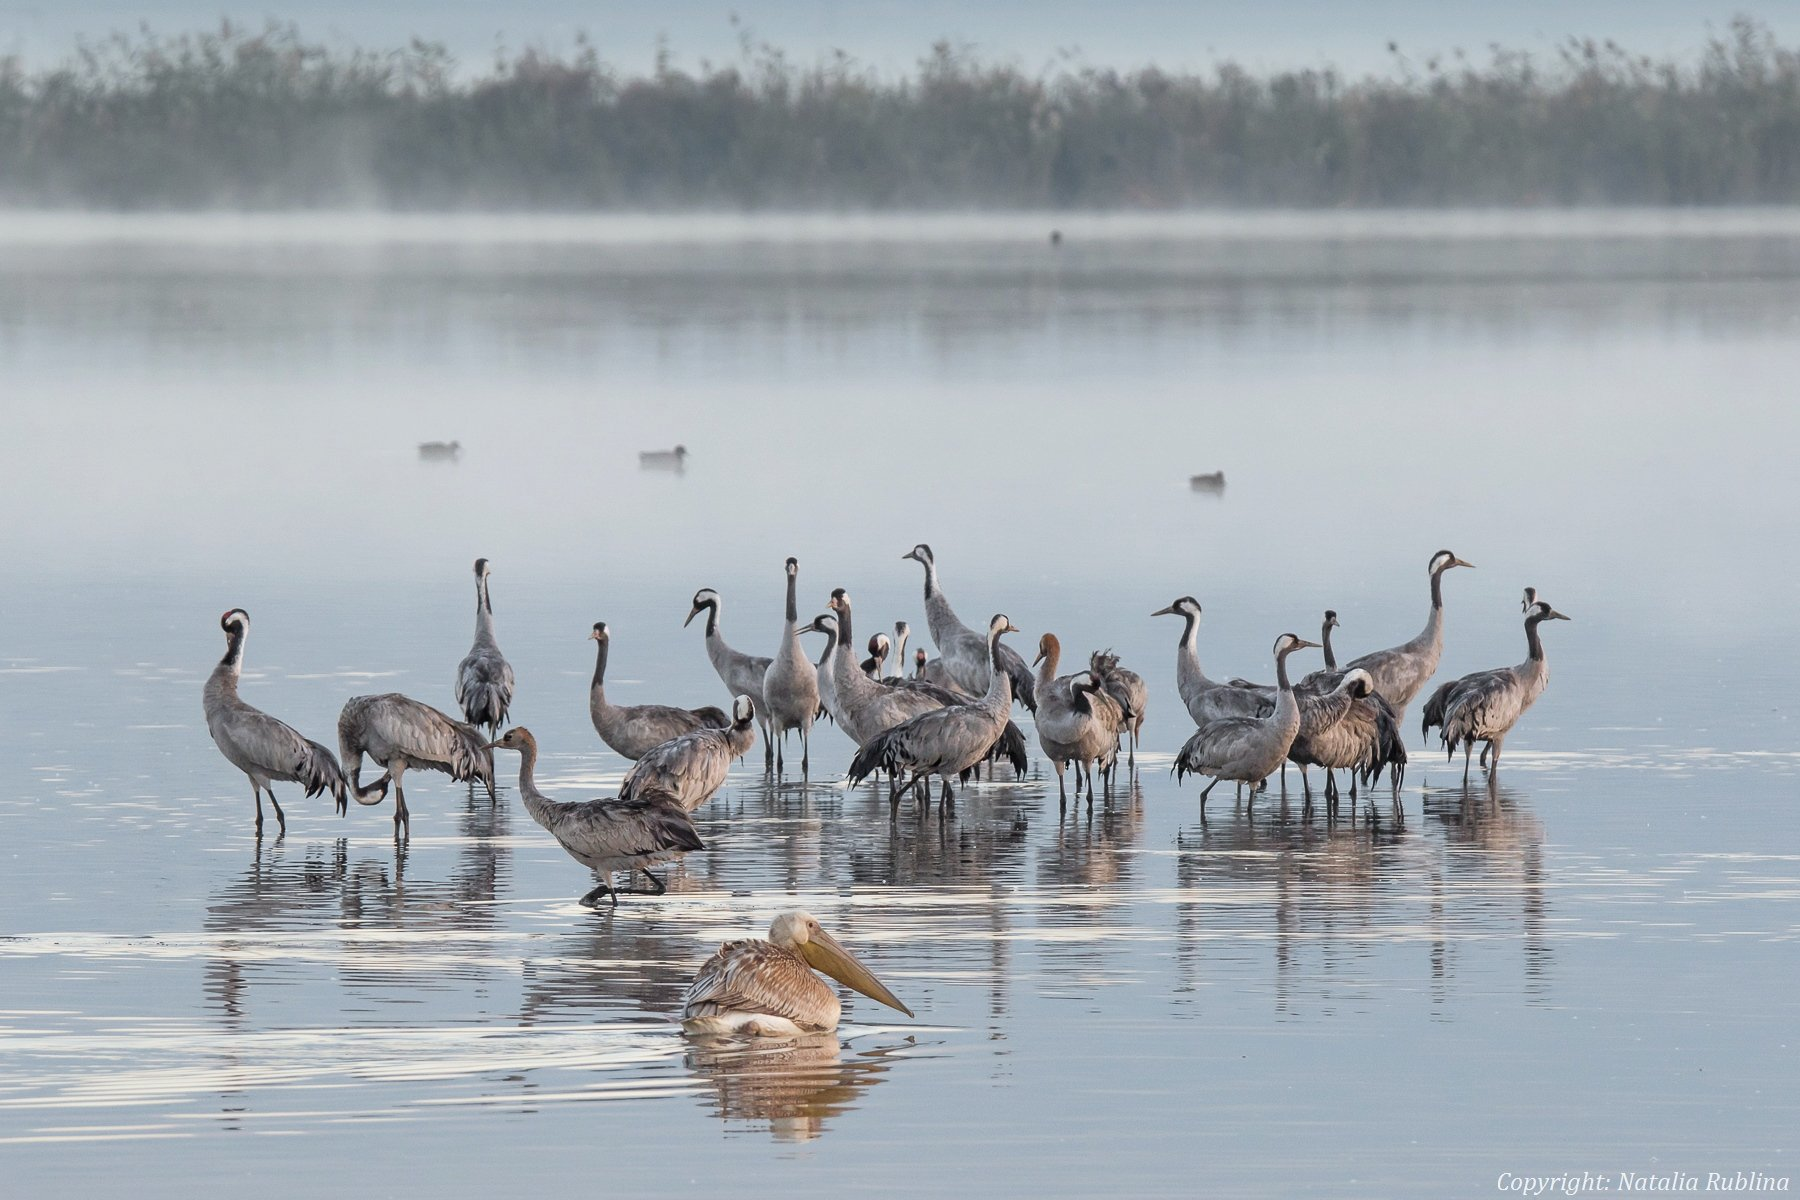 Животные, Журавли, Озеро, Пеликаны, Природа, Птицы, Туман, Утро, Наталья Рублина